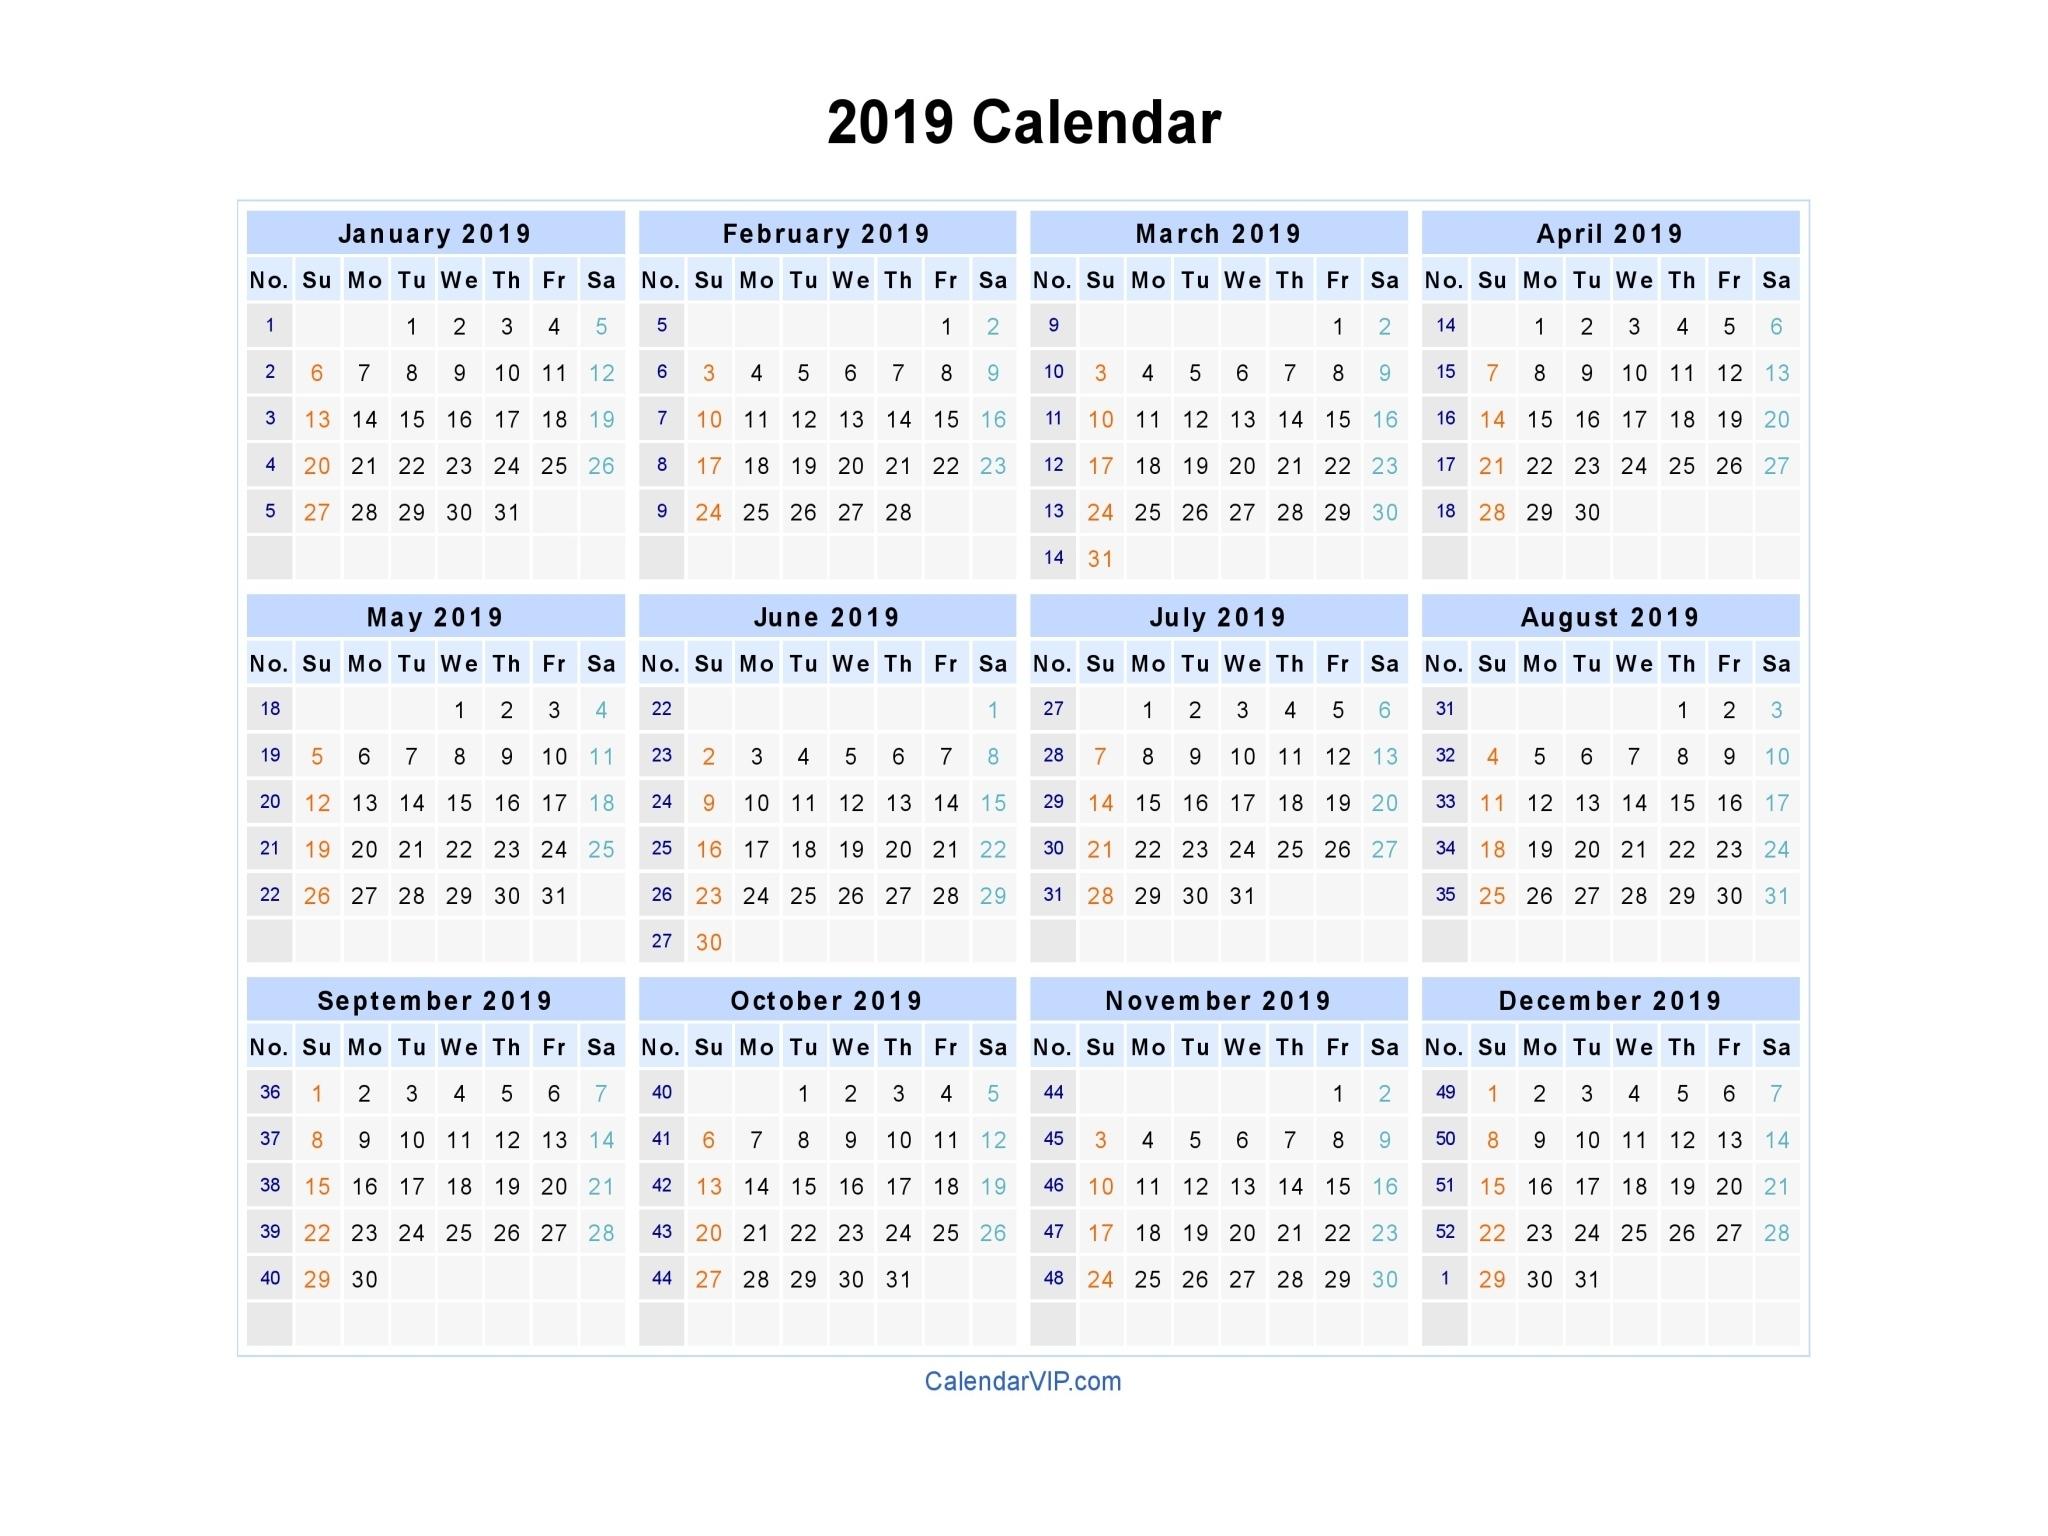 2019 Calendar - Blank Printable Calendar Template In Pdf Dashing 2020 Calendar Numbered Weeks